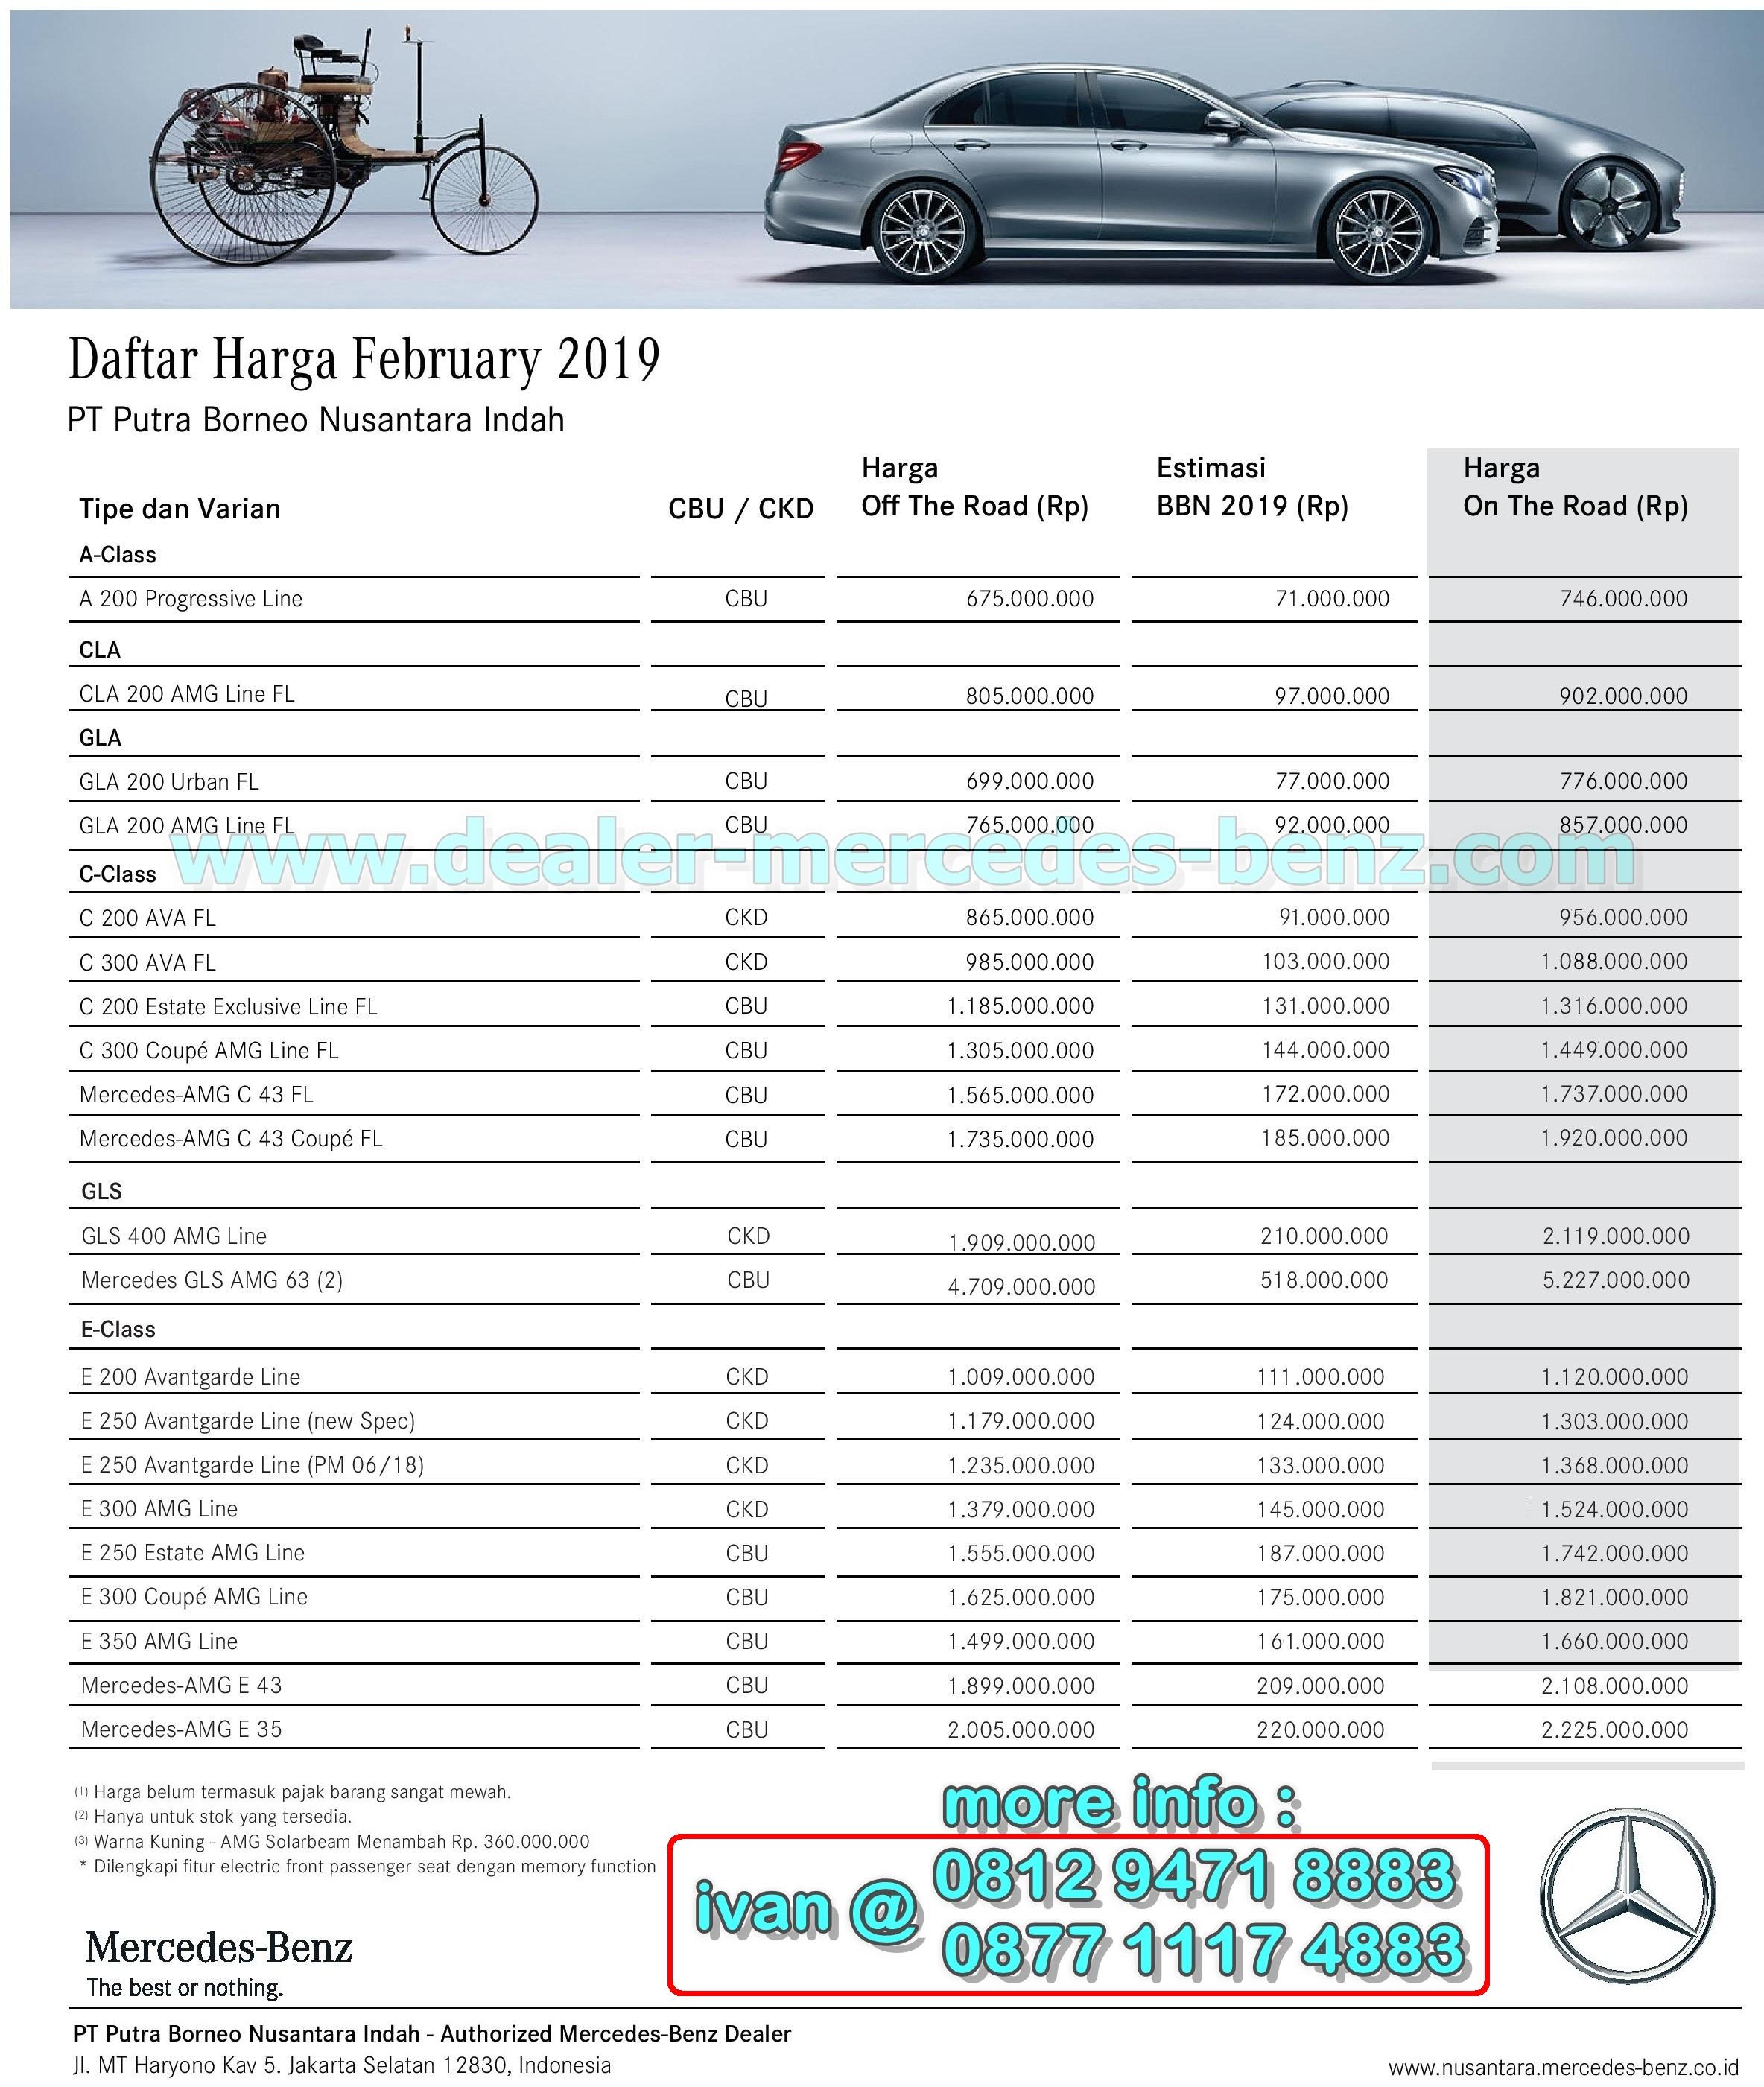 Harga Mercedes-Benz 2019 Jakarta